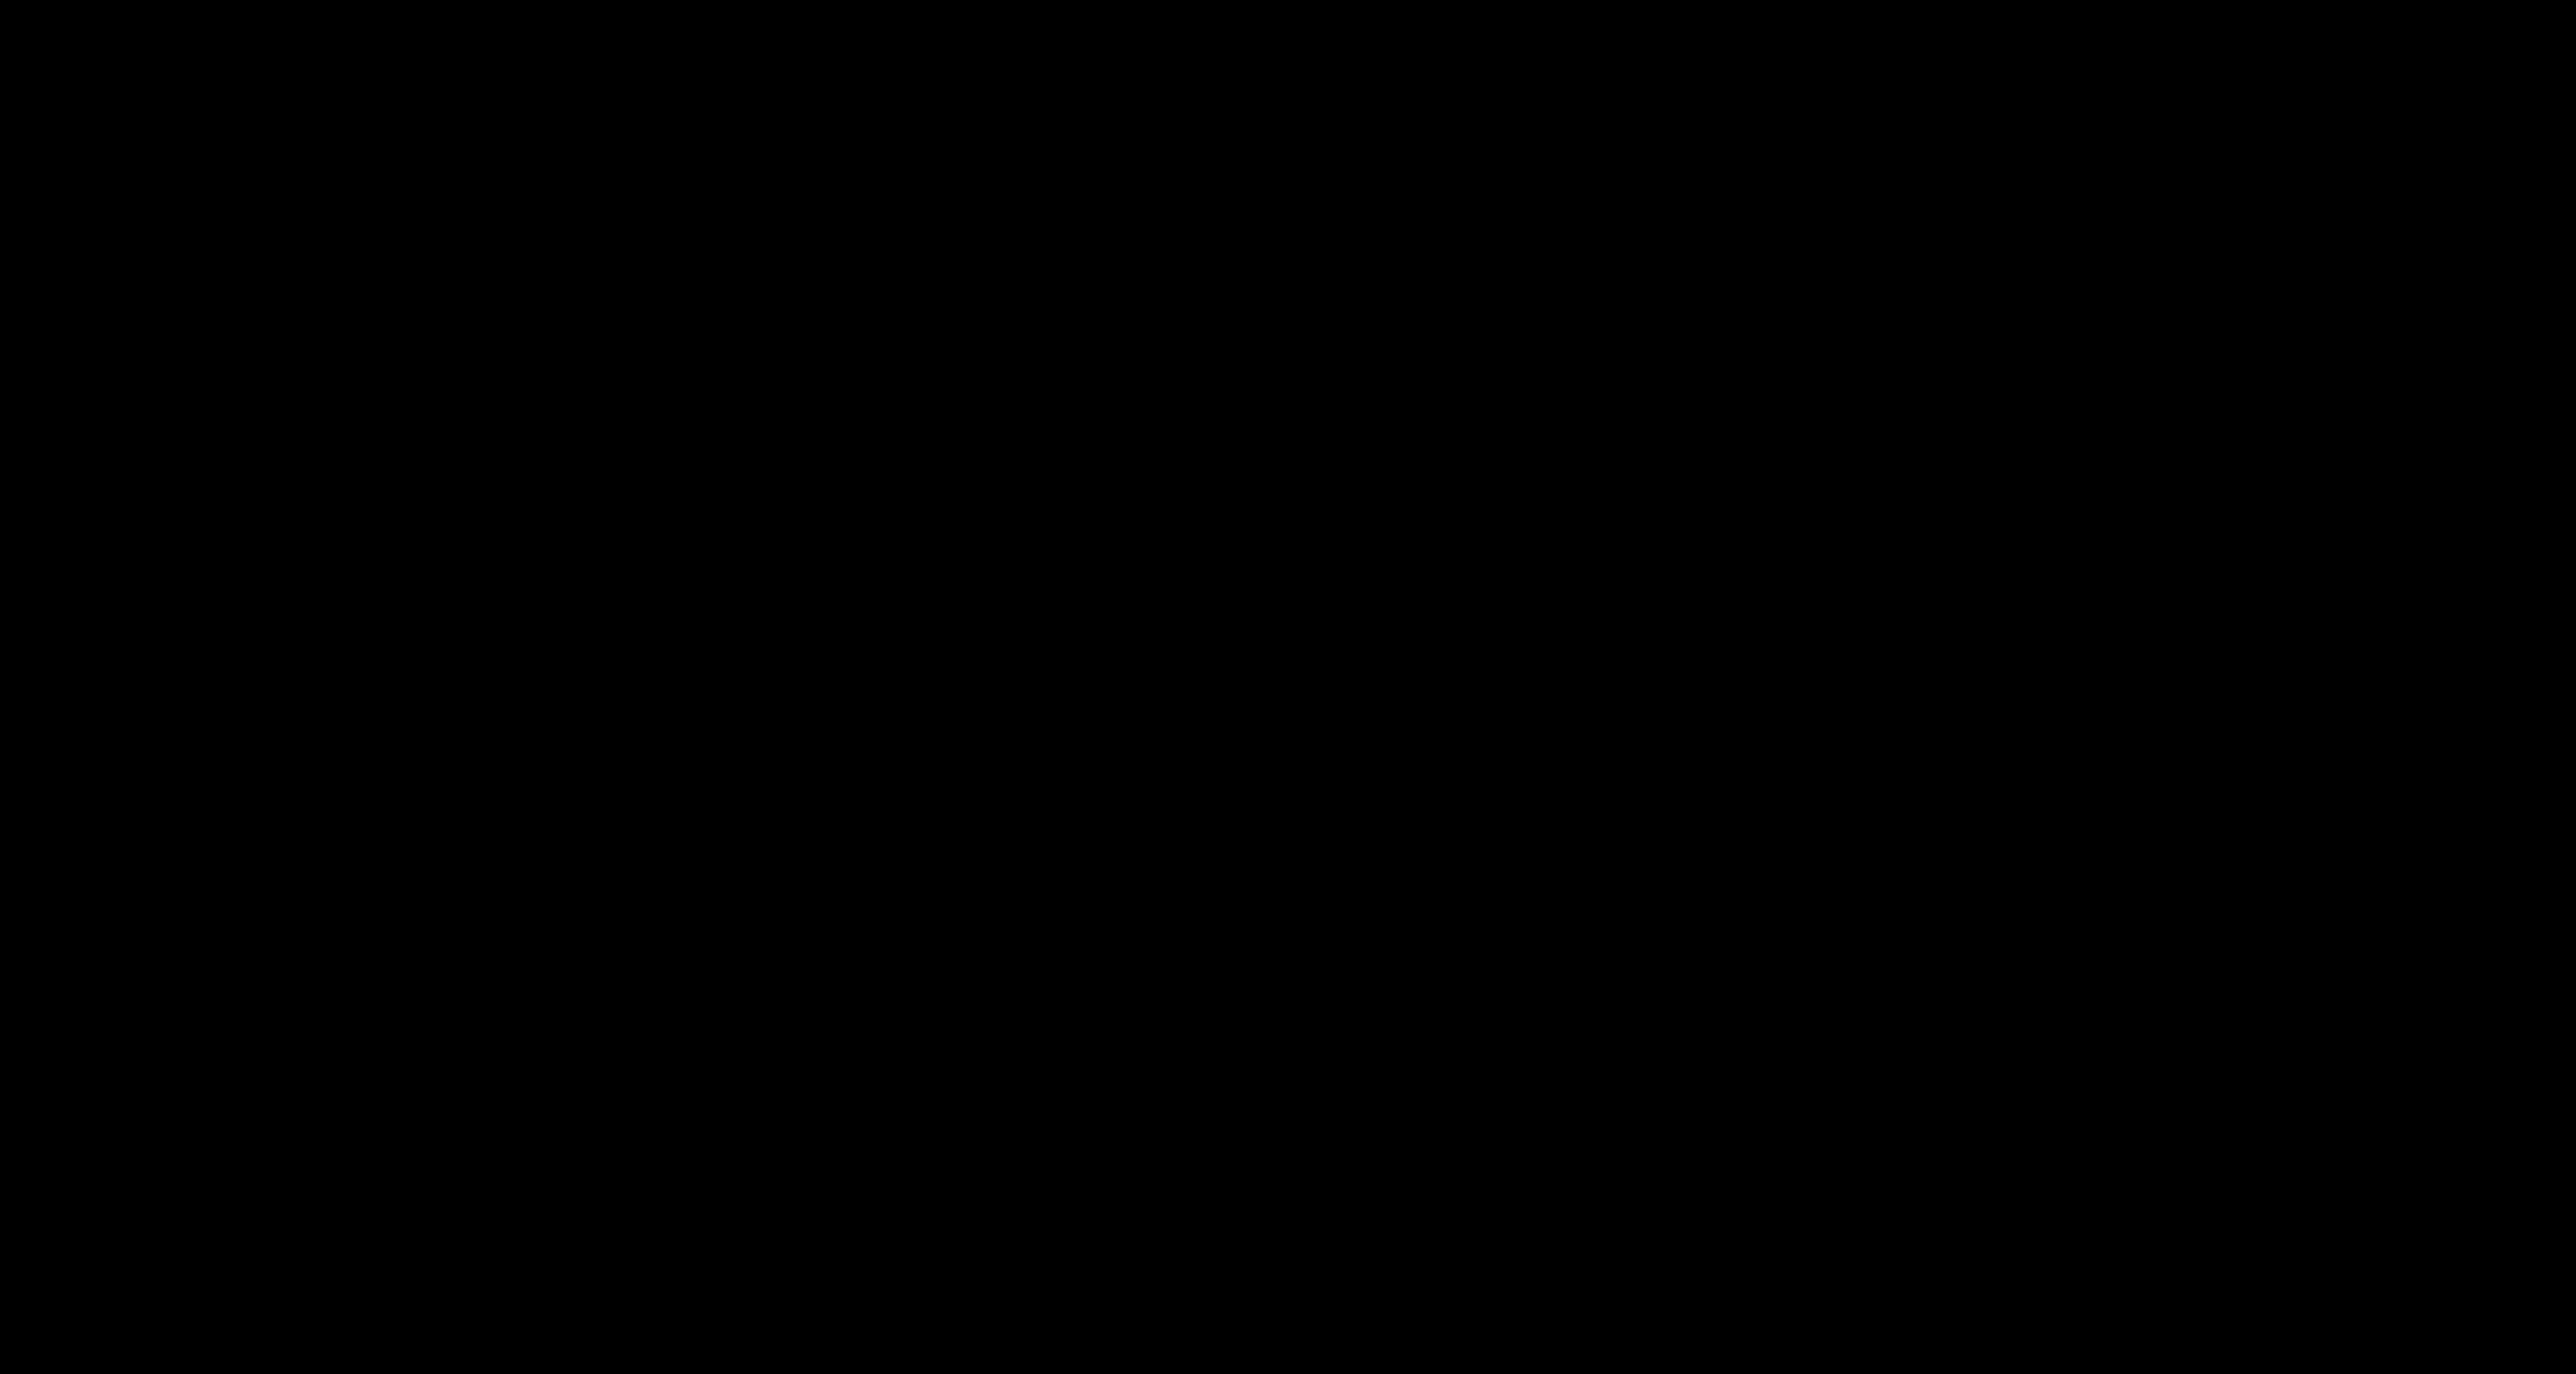 جگوار